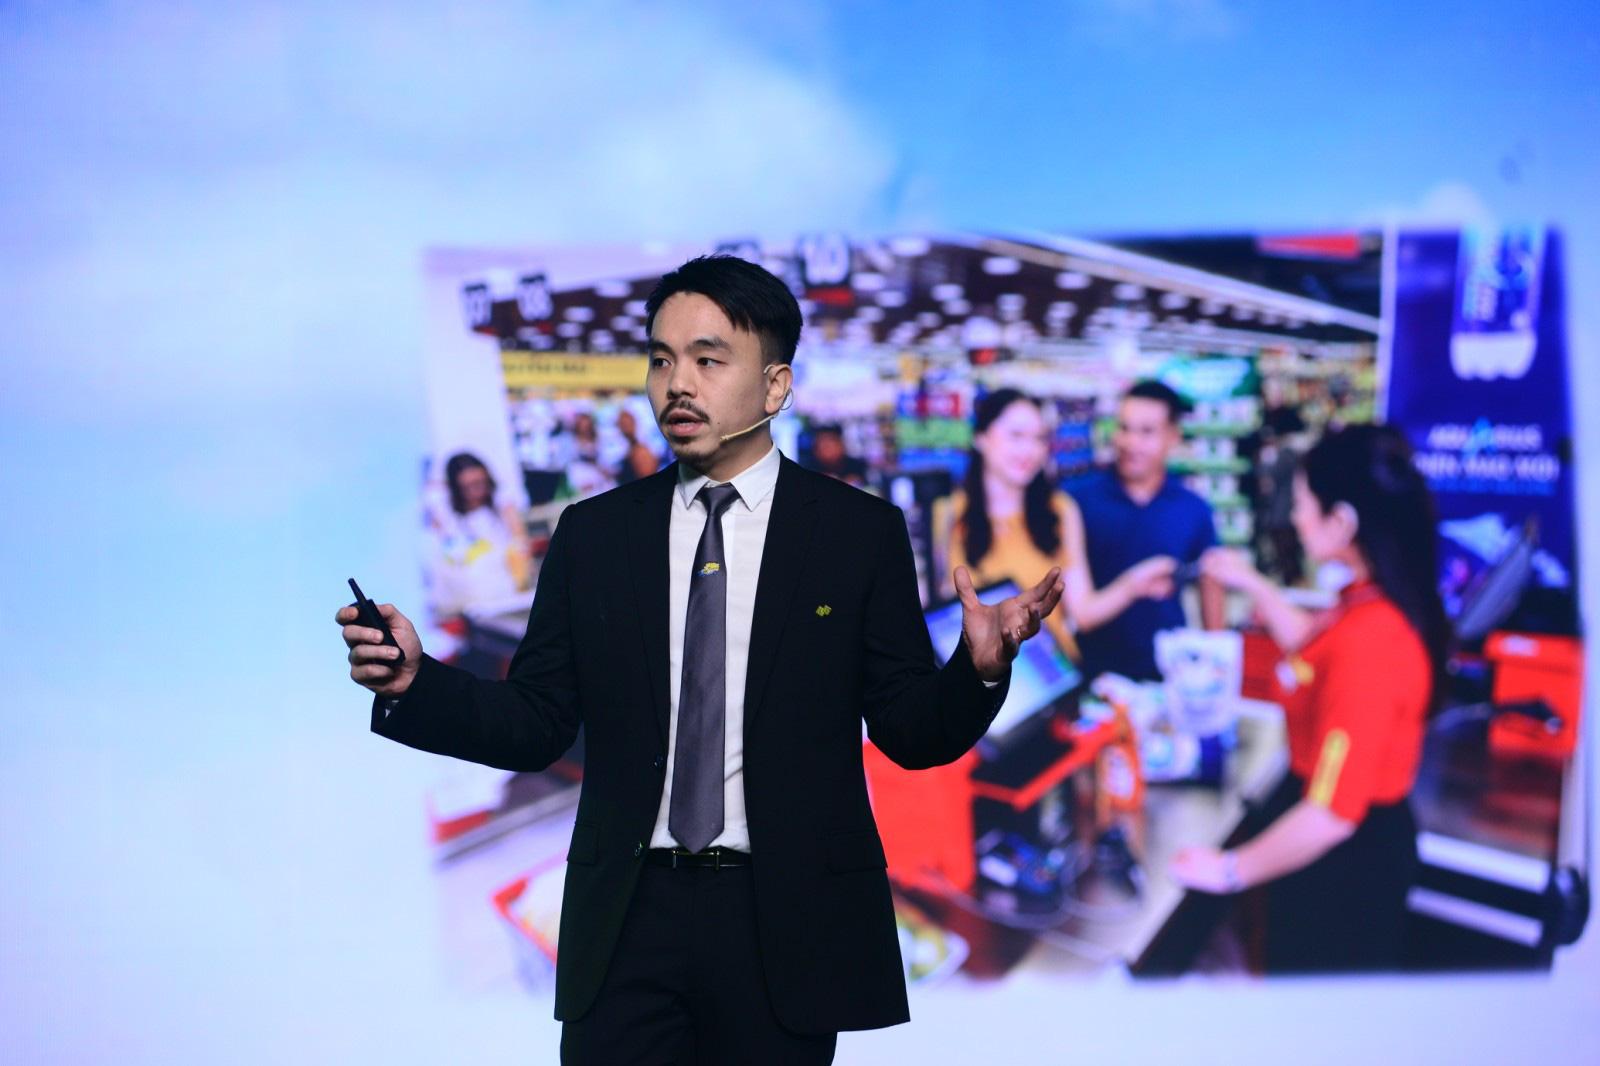 Sau thịt lợn mát, Masan rót 613 tỷ đồng để sở hữu Công ty 3F Việt, chính thức bước chân vào chế biến thịt gà - Ảnh 4.